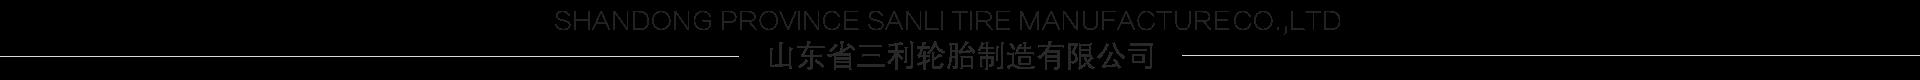 山东省三利轮胎制造有限公司